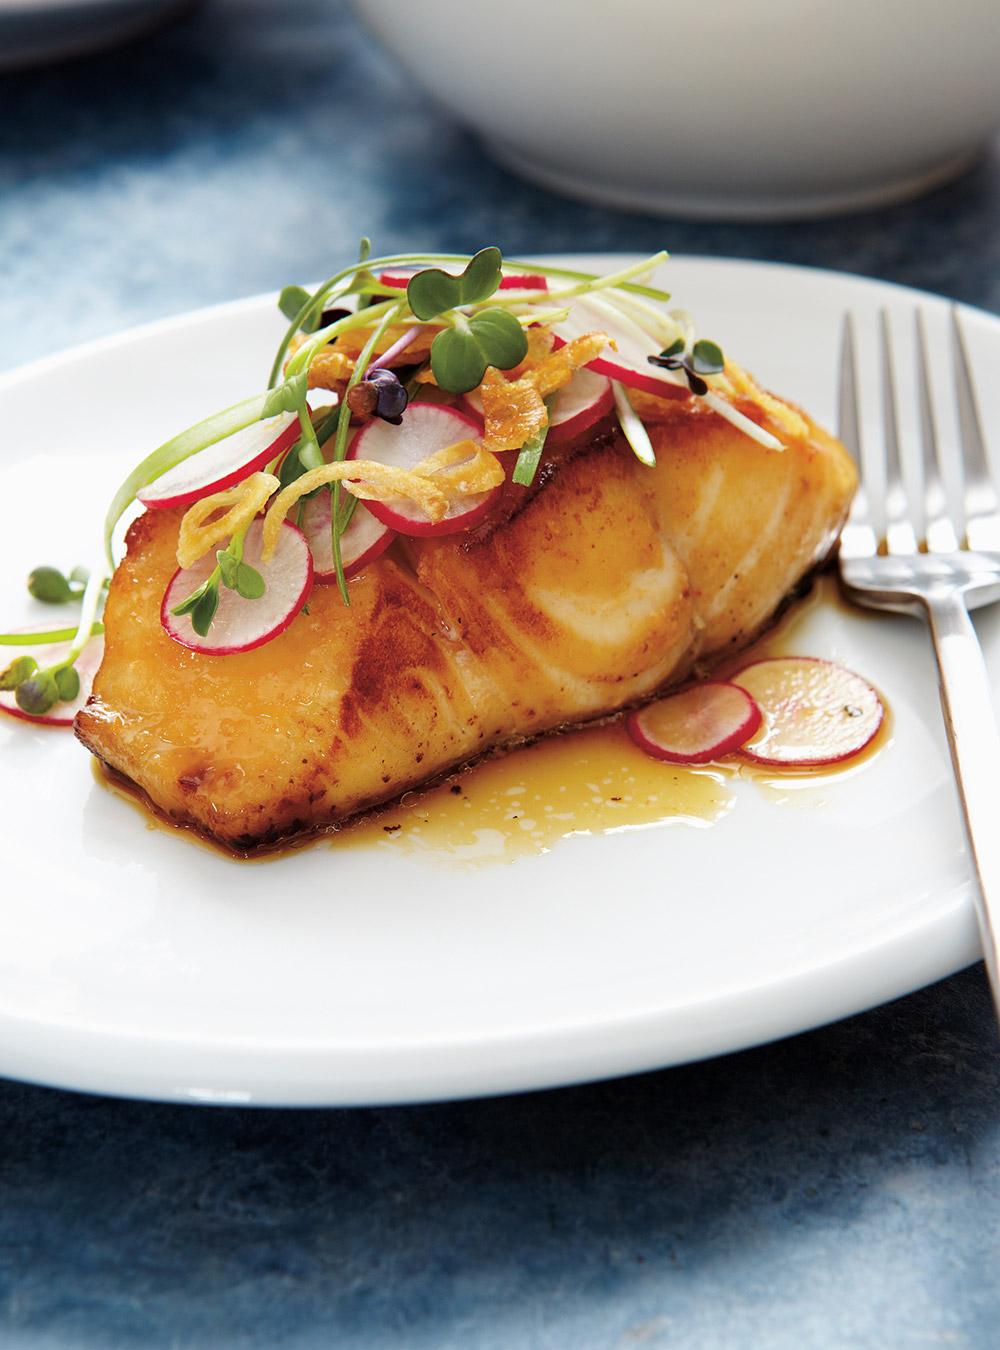 Cuisinez les poissons comme un chef  page 11 | ricardo